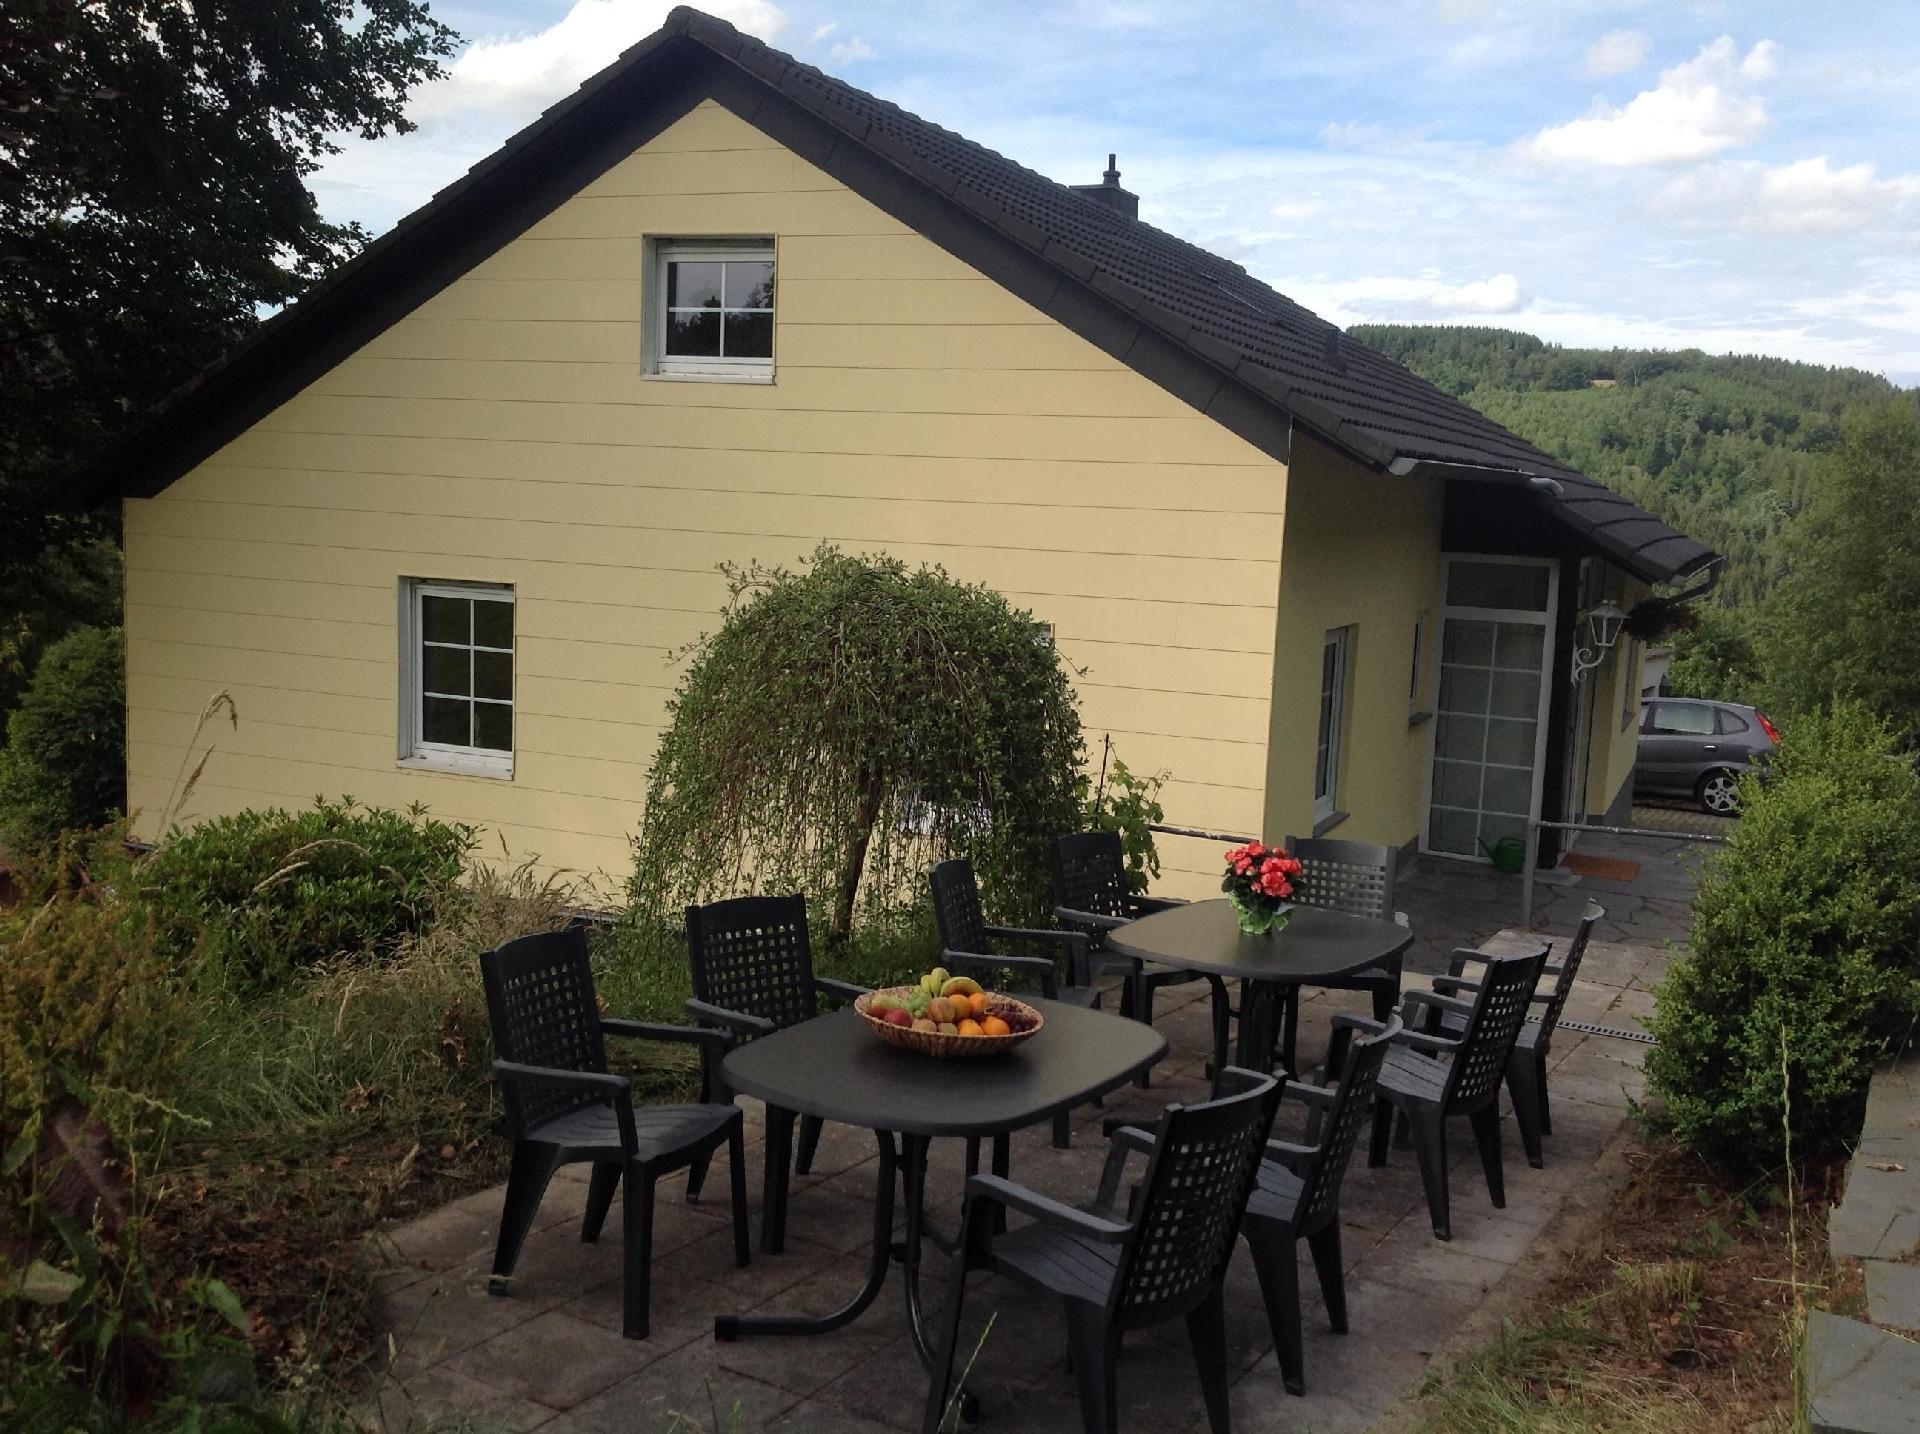 Ferienhaus für 18 Personen ca. 180 m² in  in der Eifel